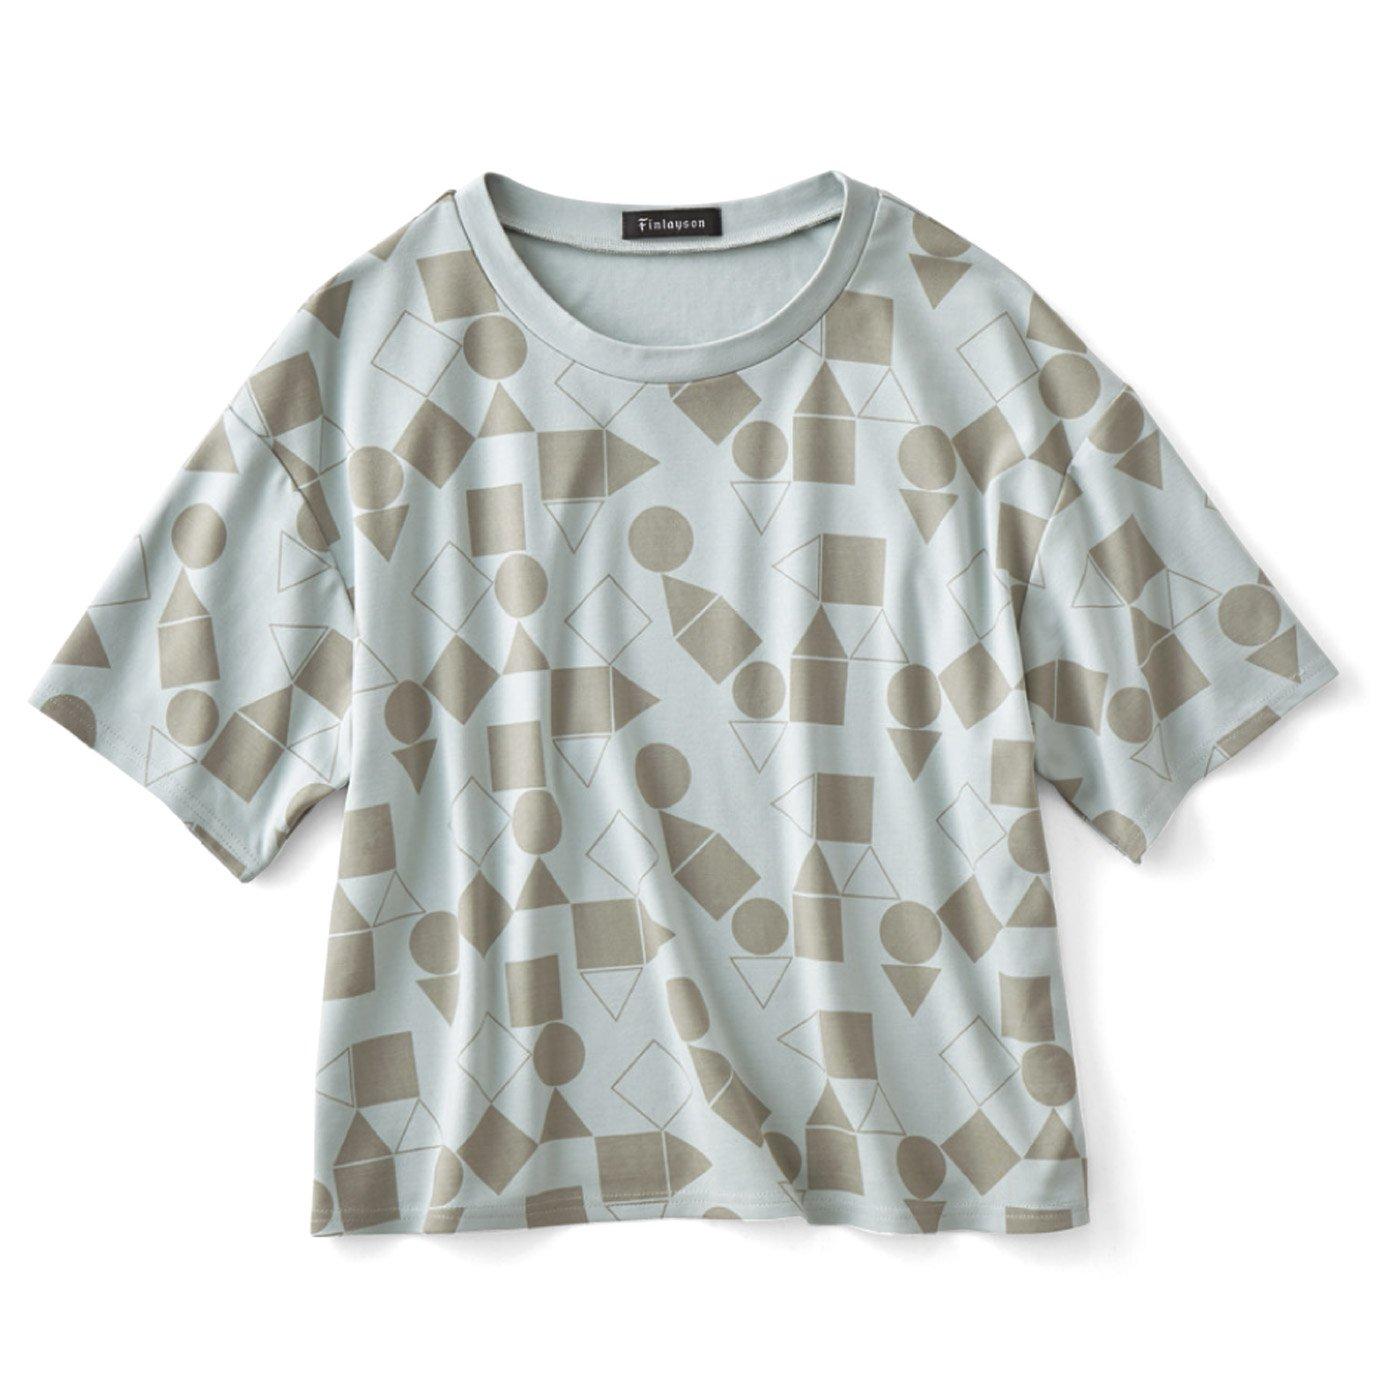 フィンレイソン ボーイッシュシルエットのプリントTシャツ〈パレッティ〉